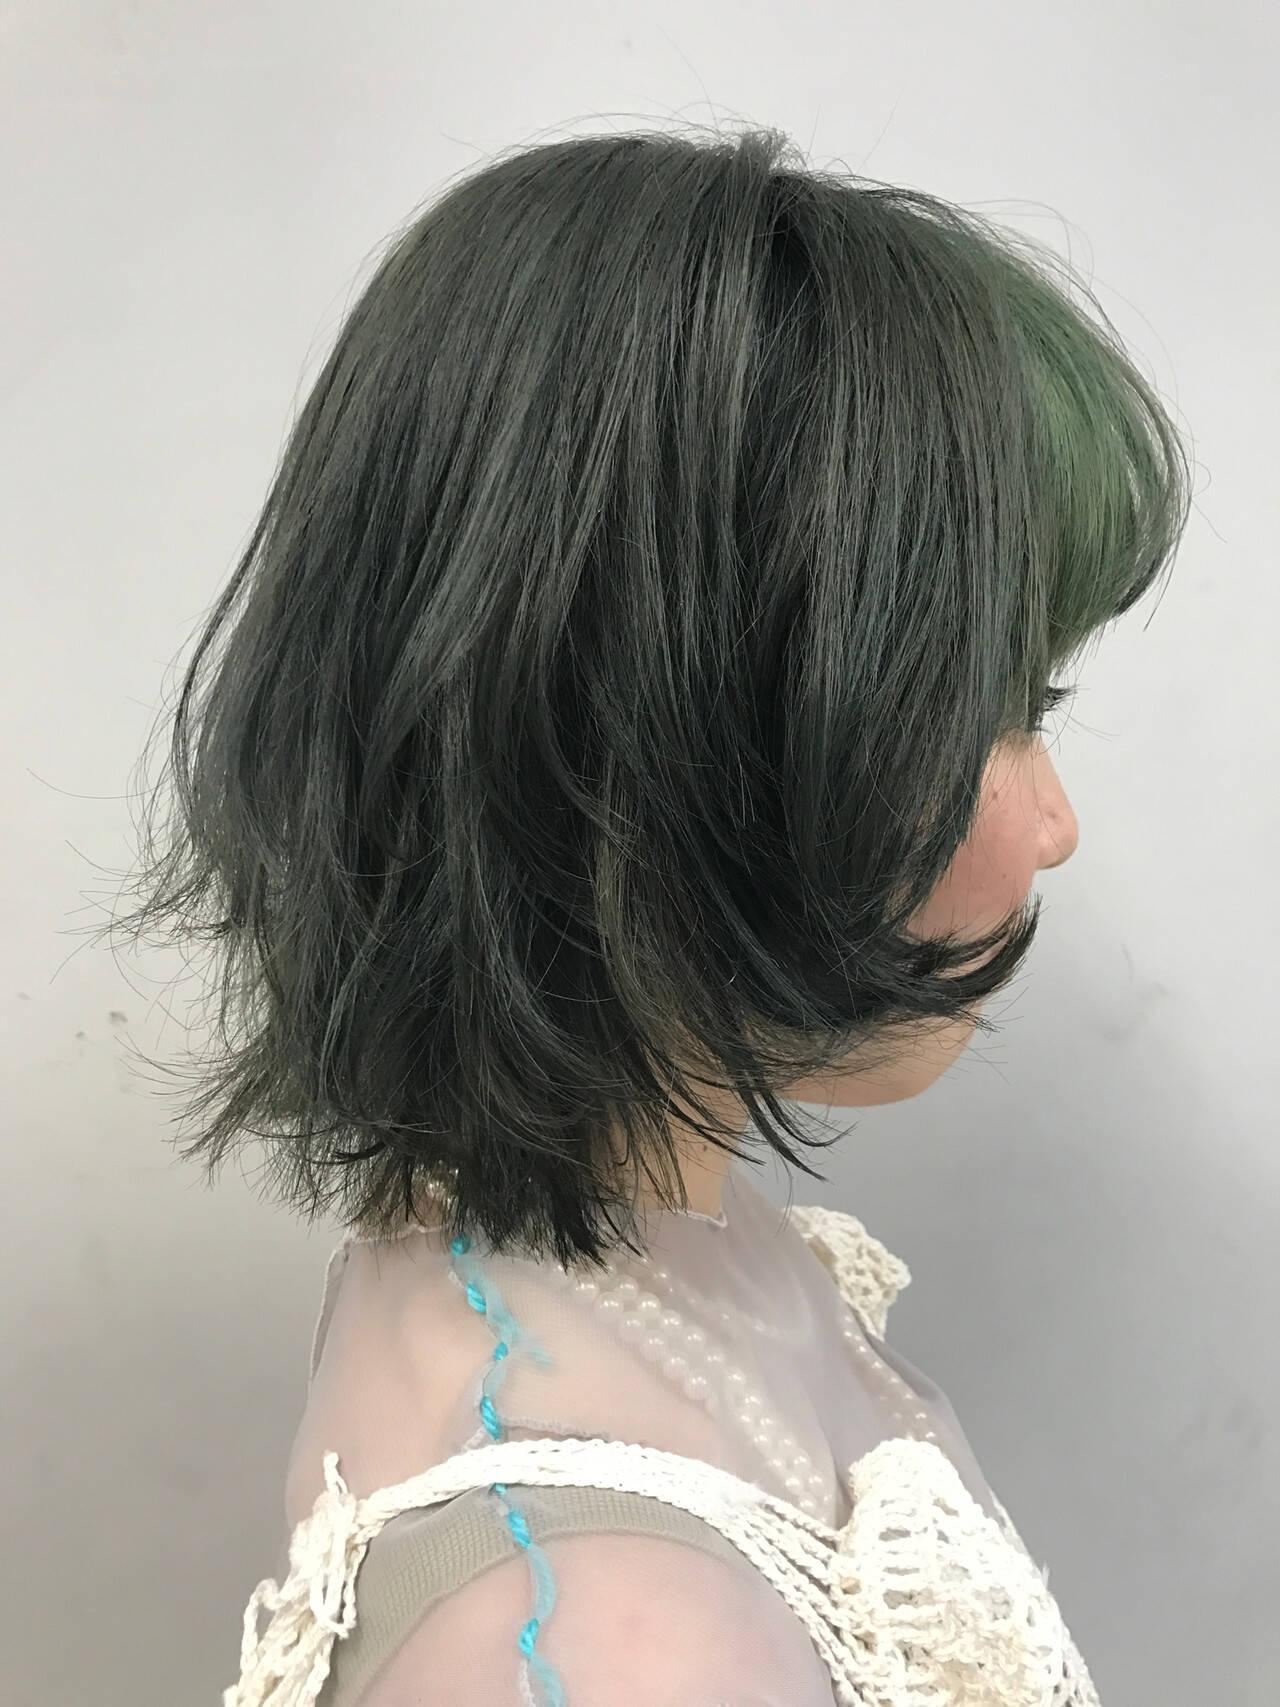 ボブ コントラストハイライト ハイライト ブリーチカラーヘアスタイルや髪型の写真・画像